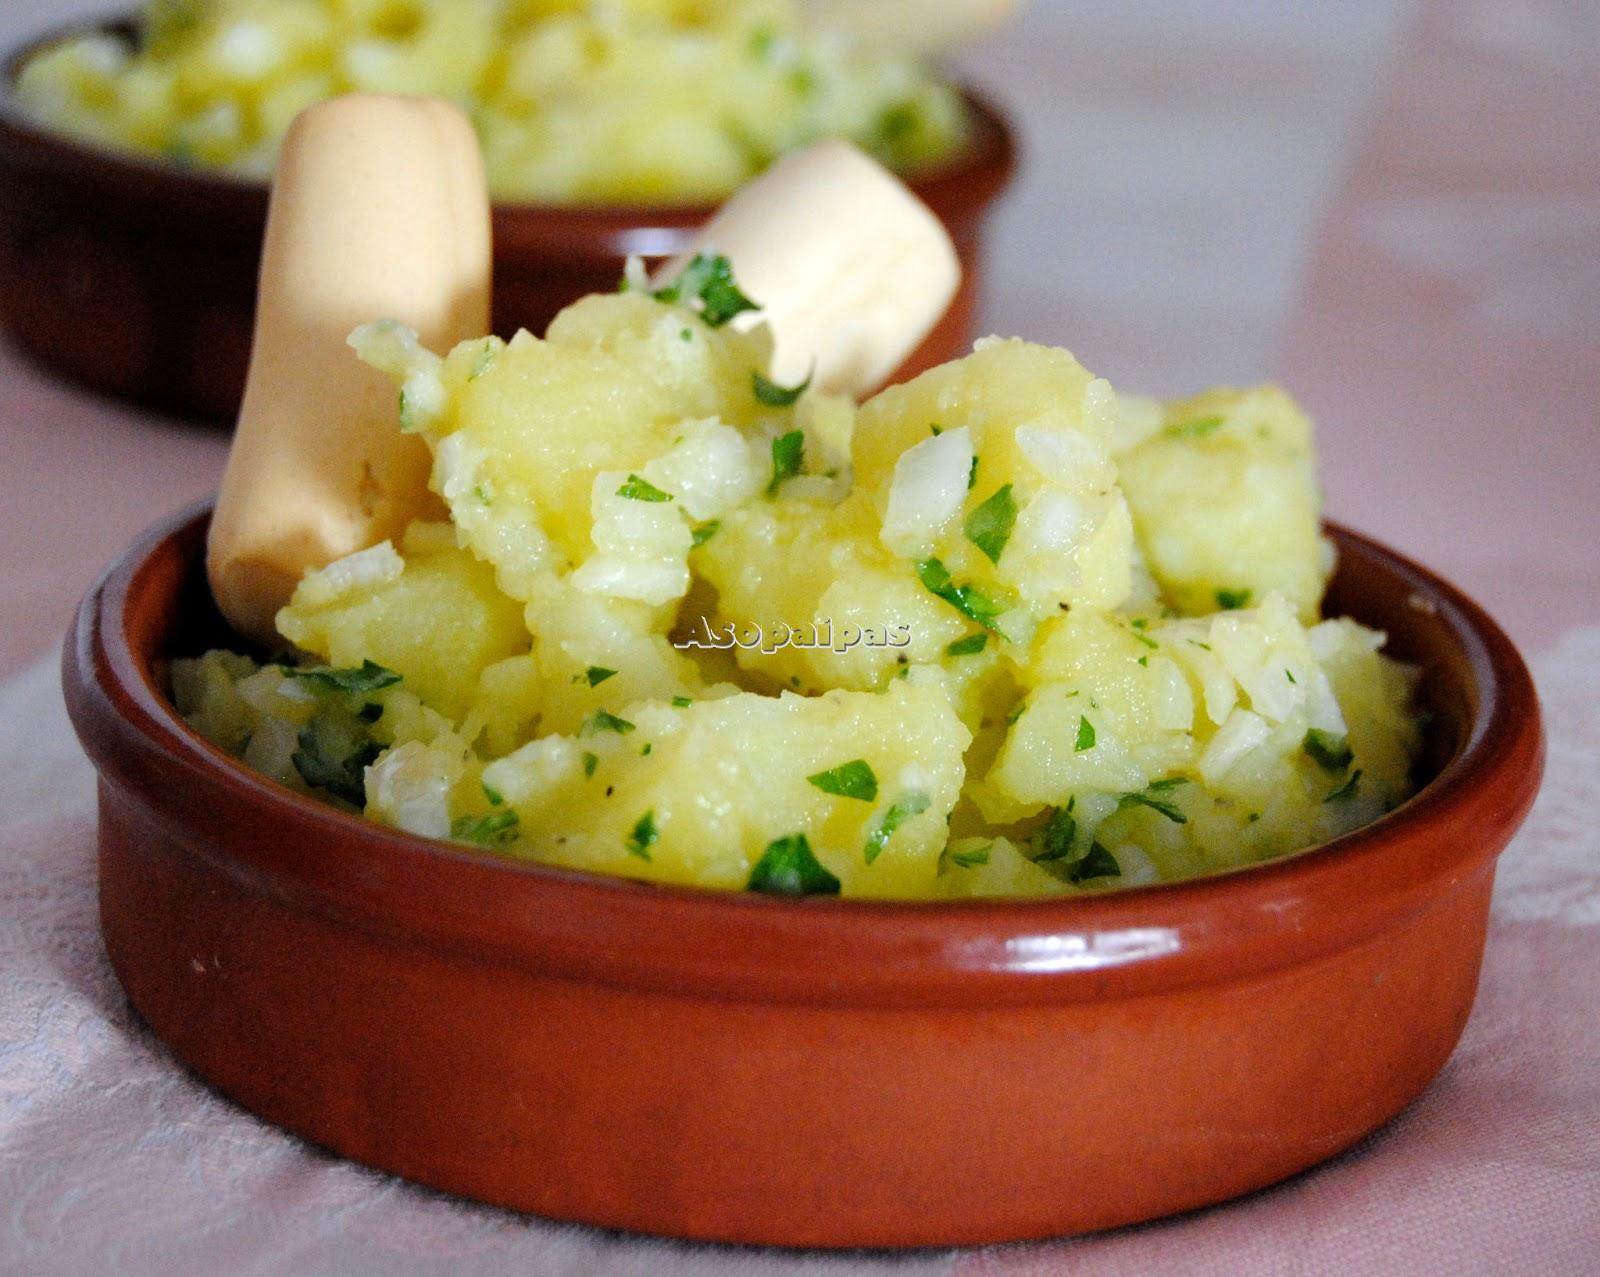 Ensalada de papas receta asopaipas recetas de cocina for Recetas cocina casera